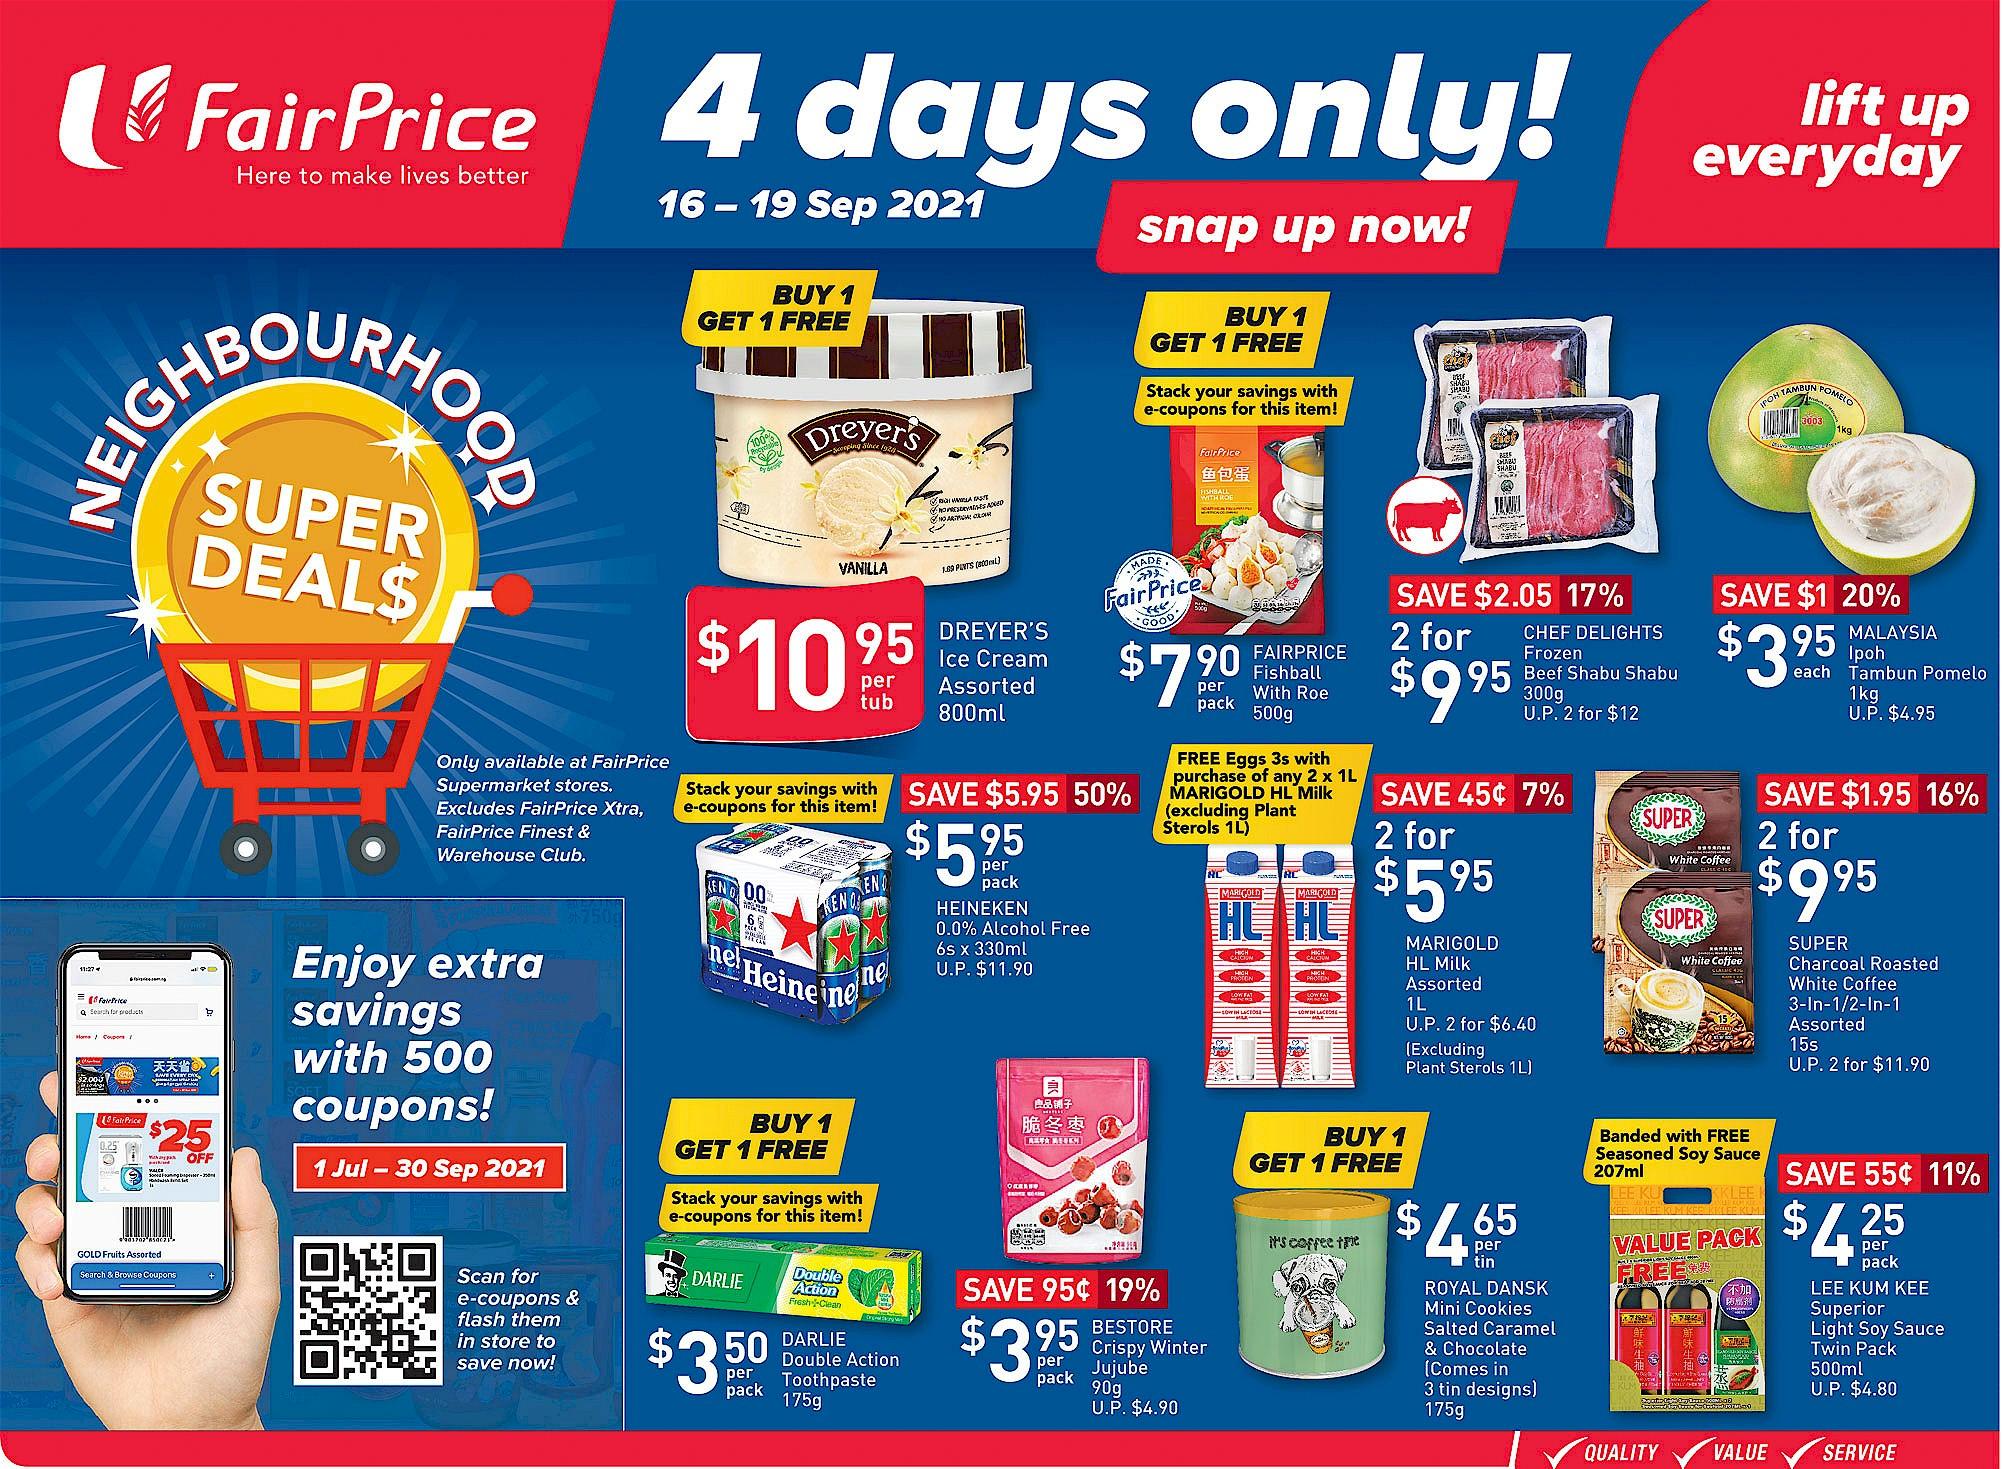 all-singapore-deals-Fairprice-4-days-neighbourhood-super-deals